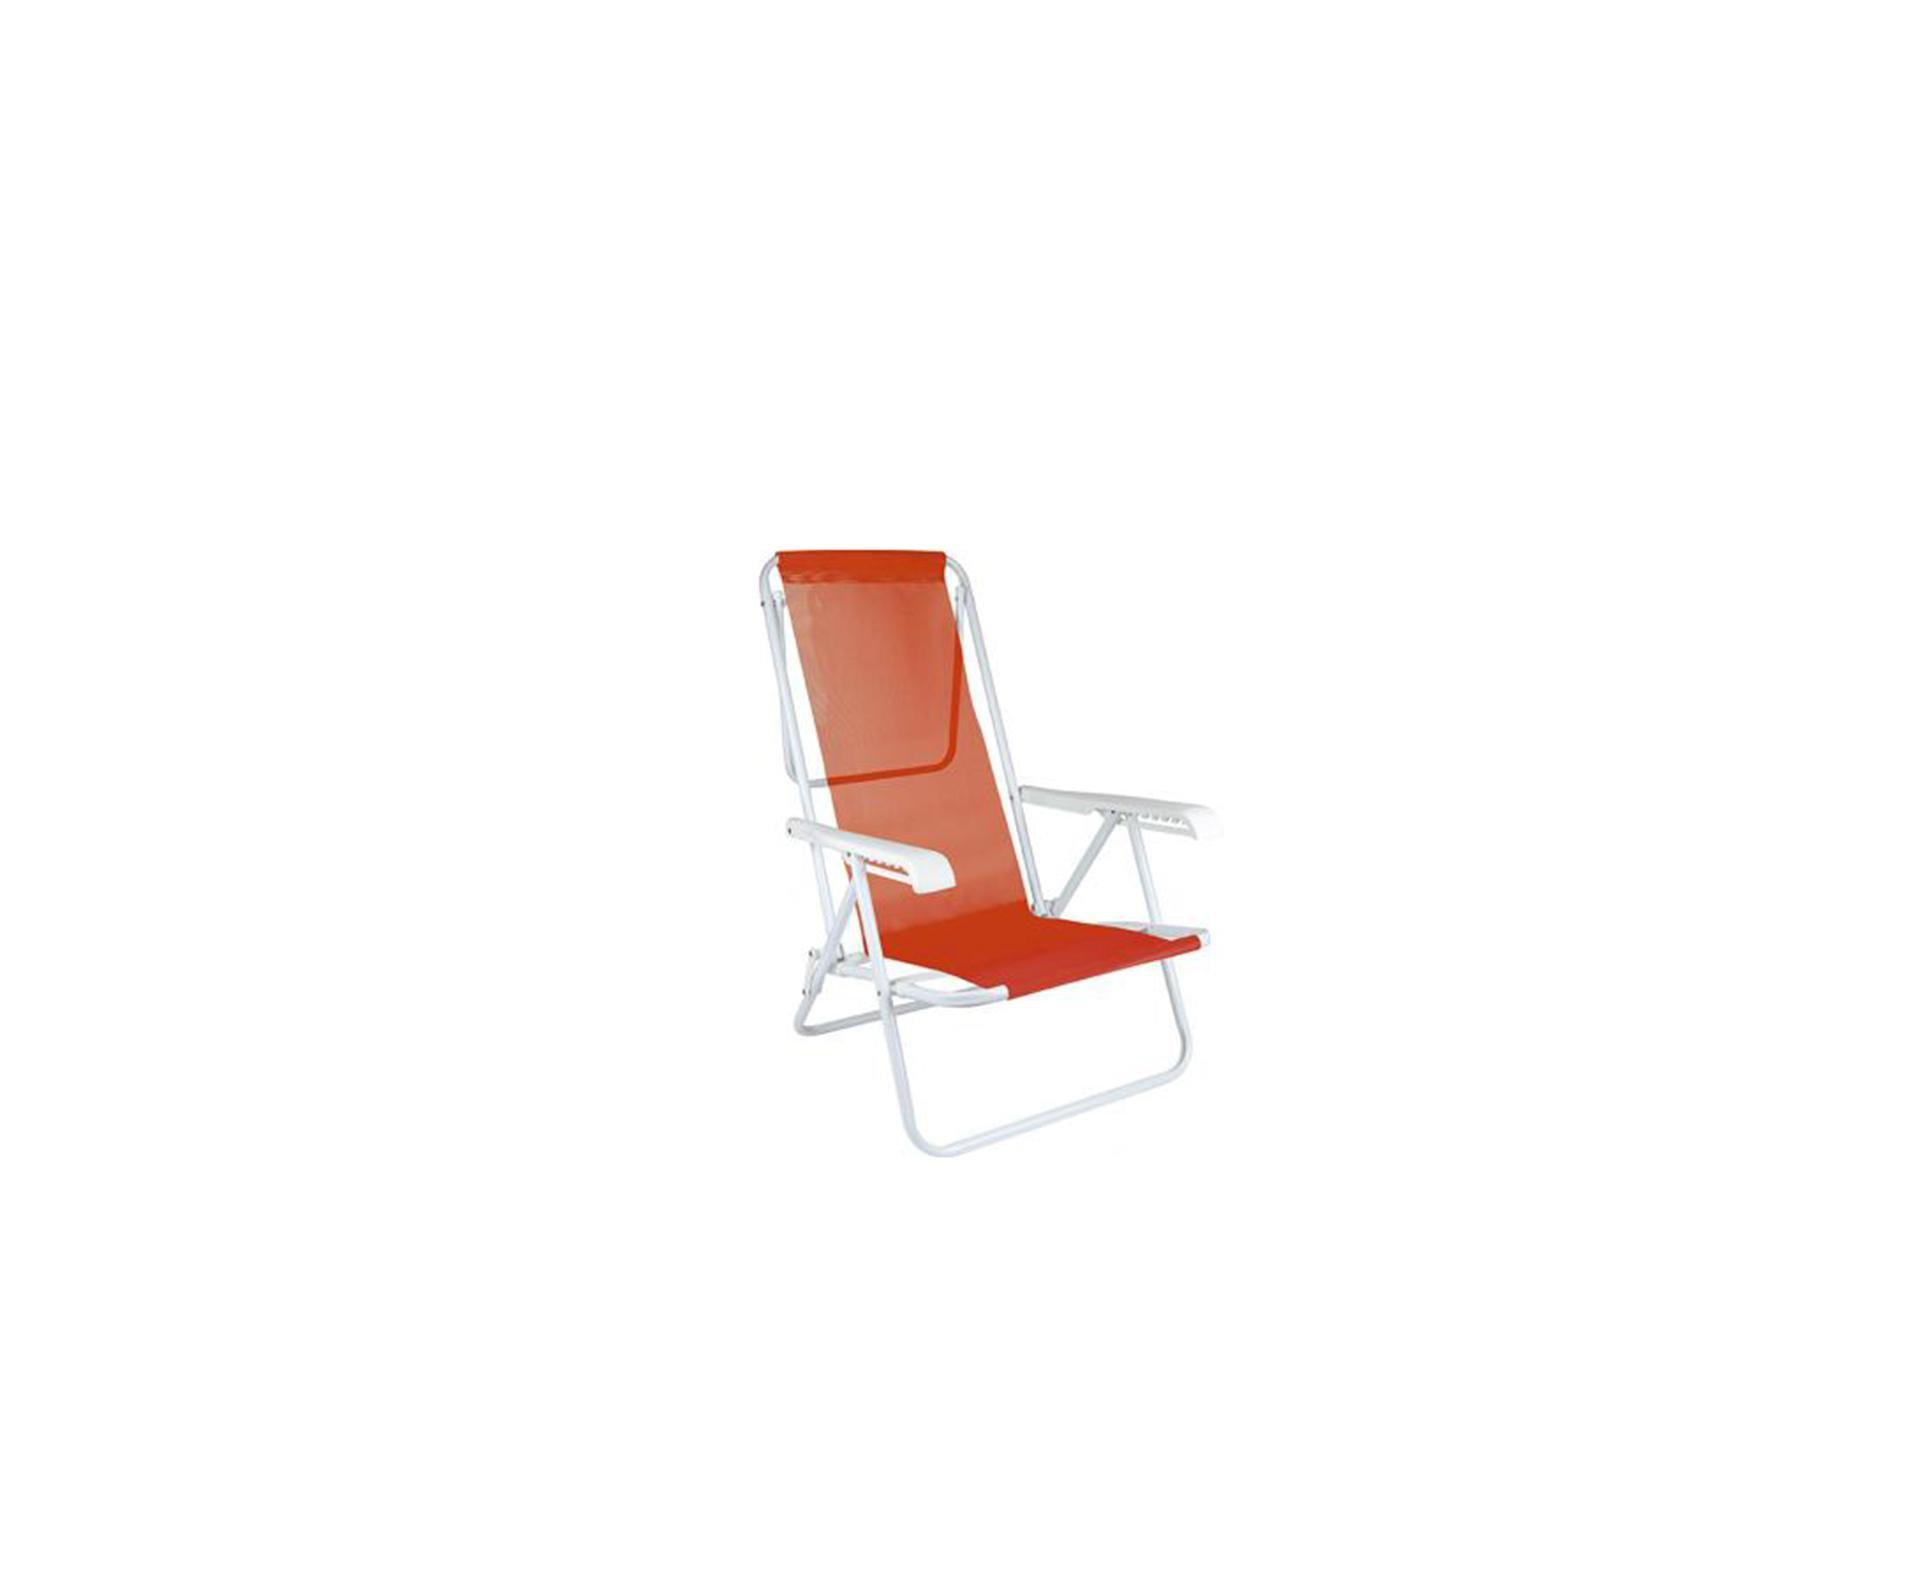 Cadeira Reclinável 8 Posições Coral - Mor